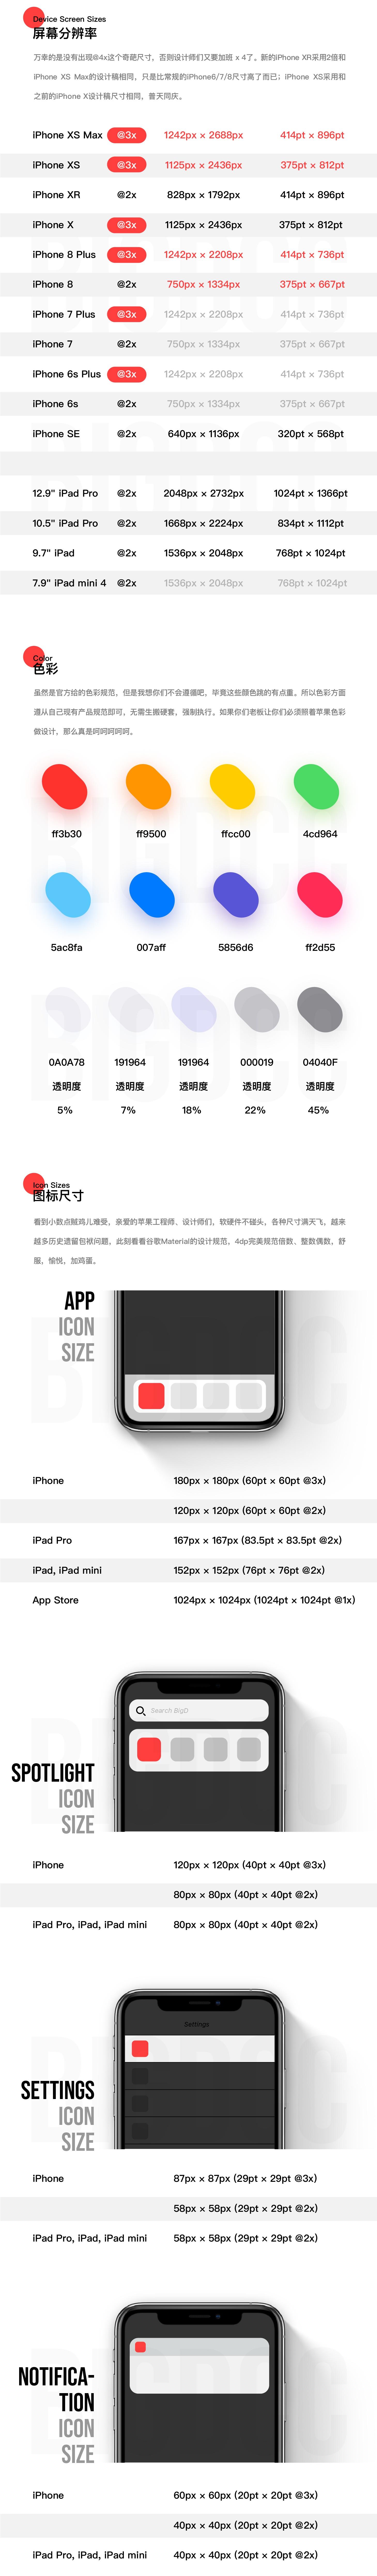 超全面!2018 苹果最新规范及适配整理